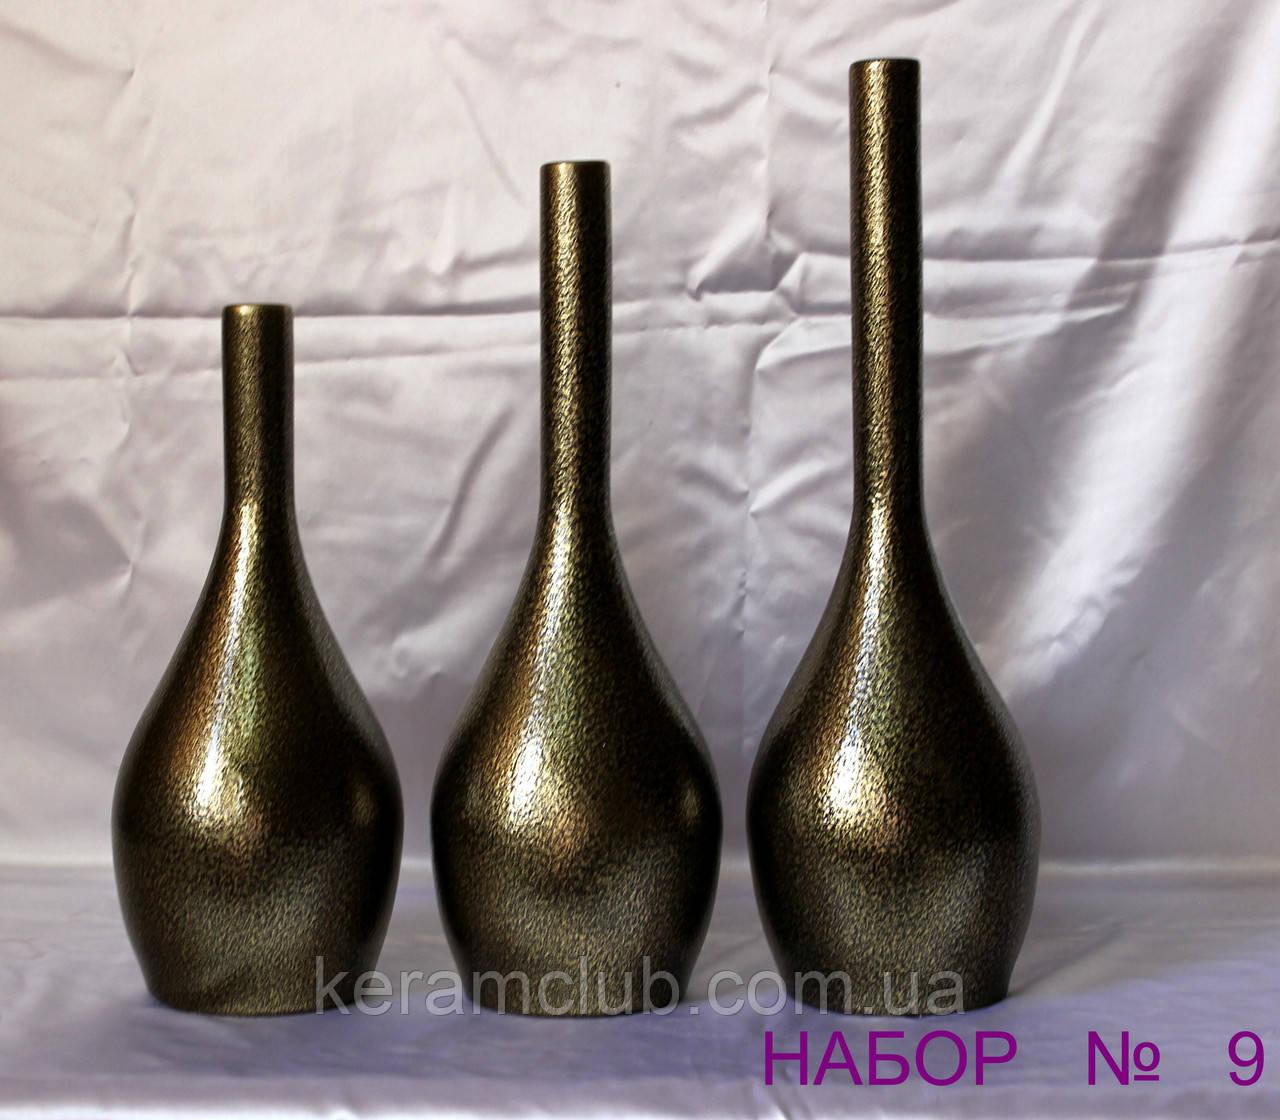 Набор интерьерных ваз №9